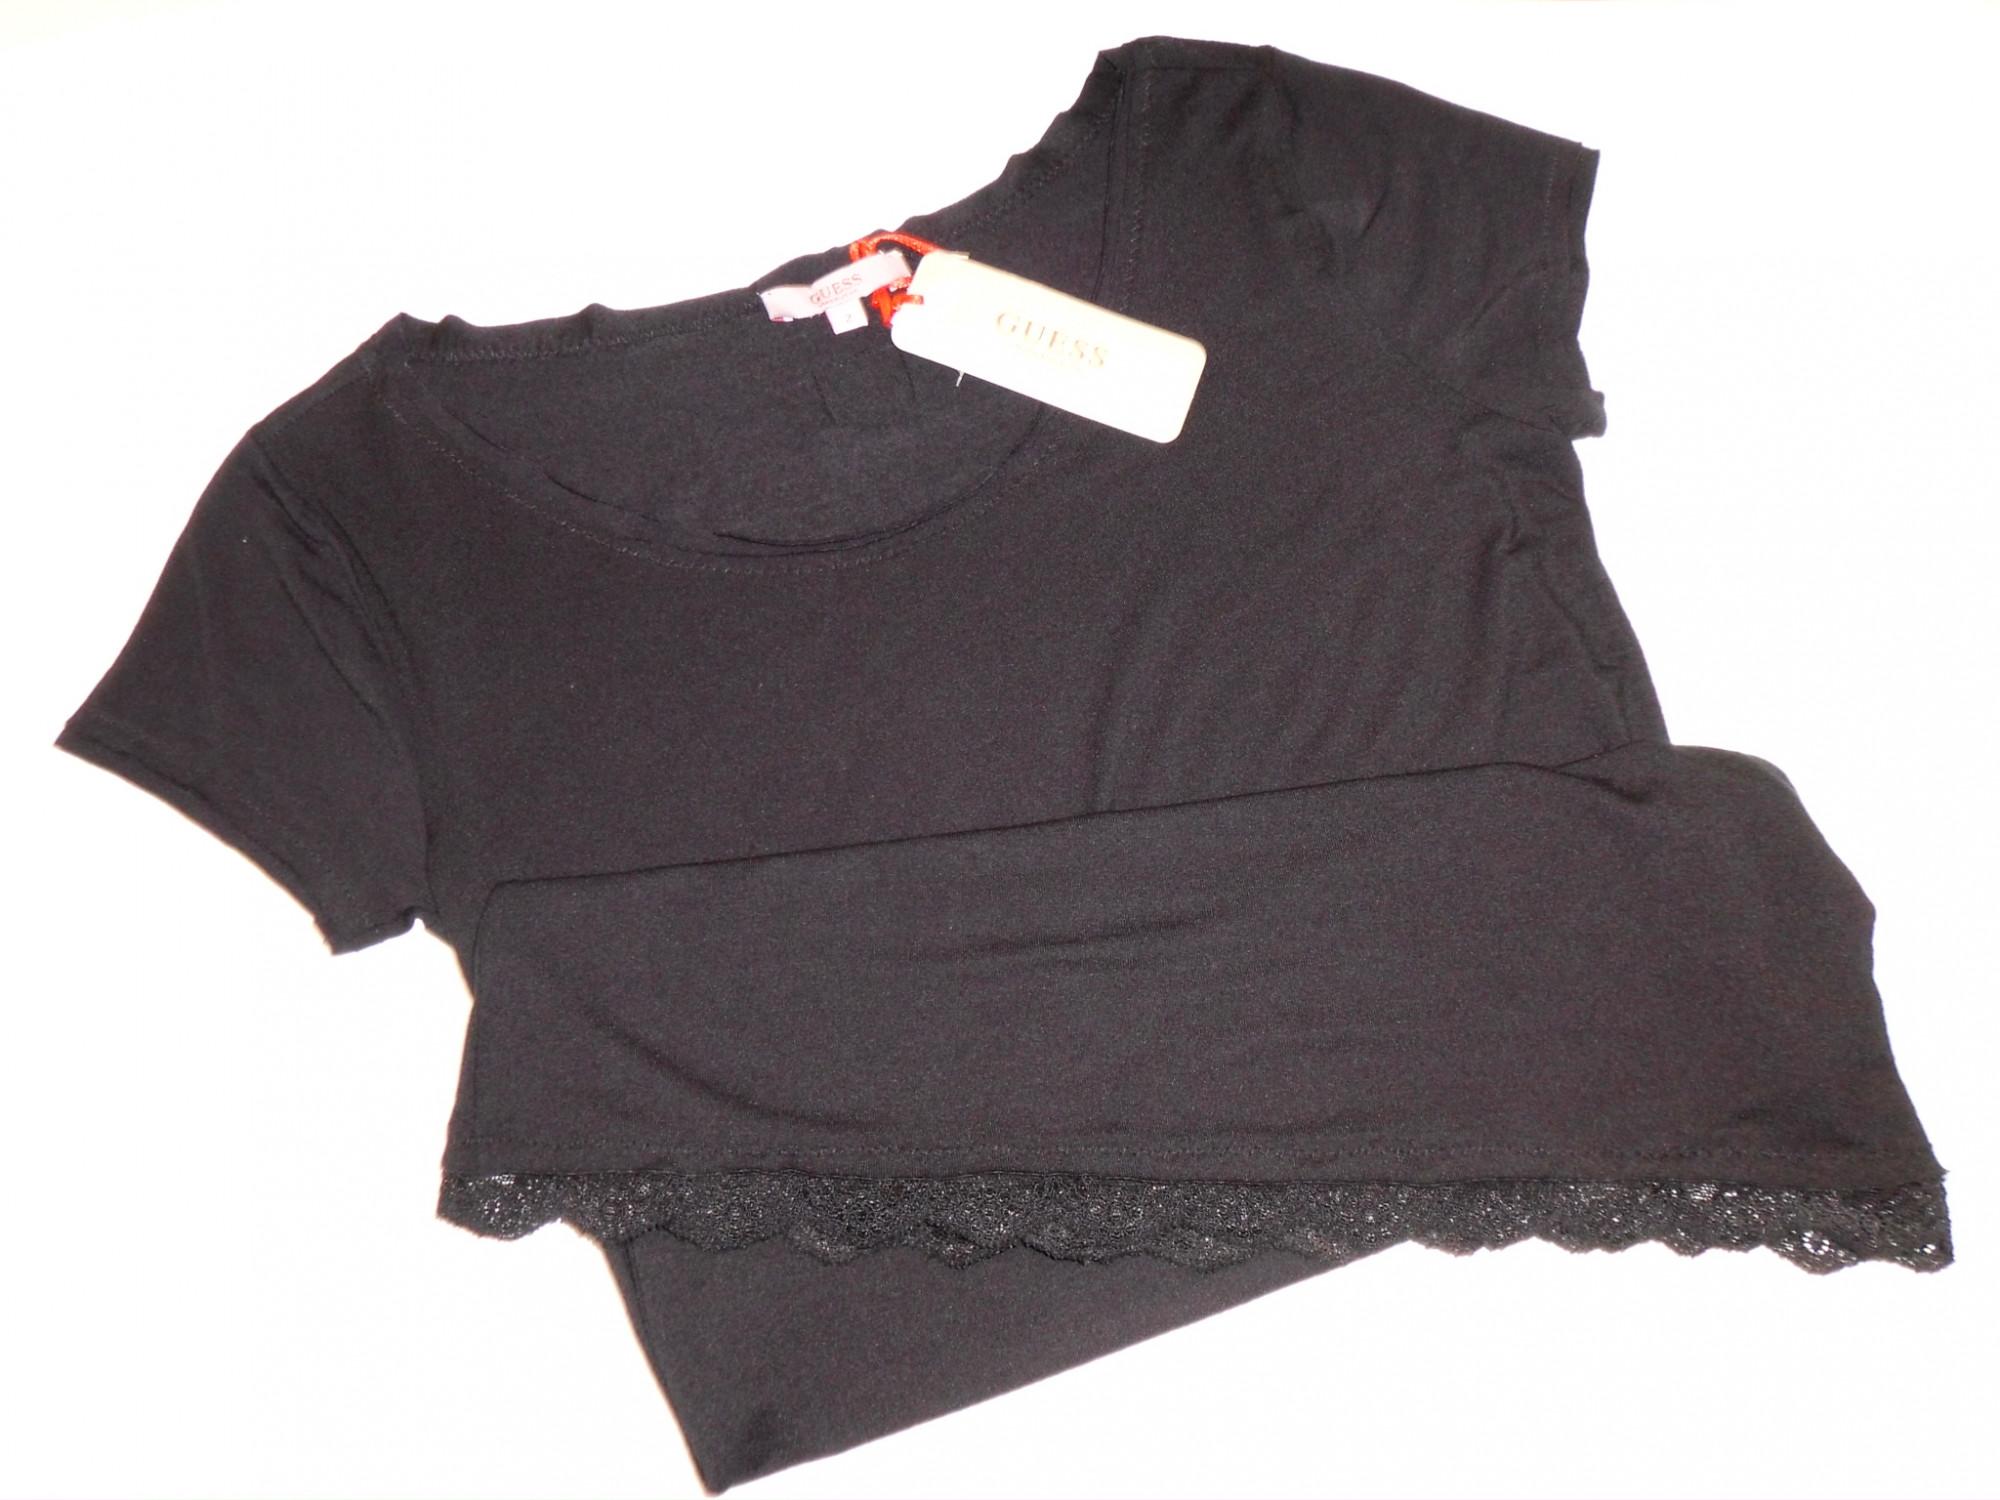 Dámské triko UG6D29 - Guess barva: černá, velikost: M